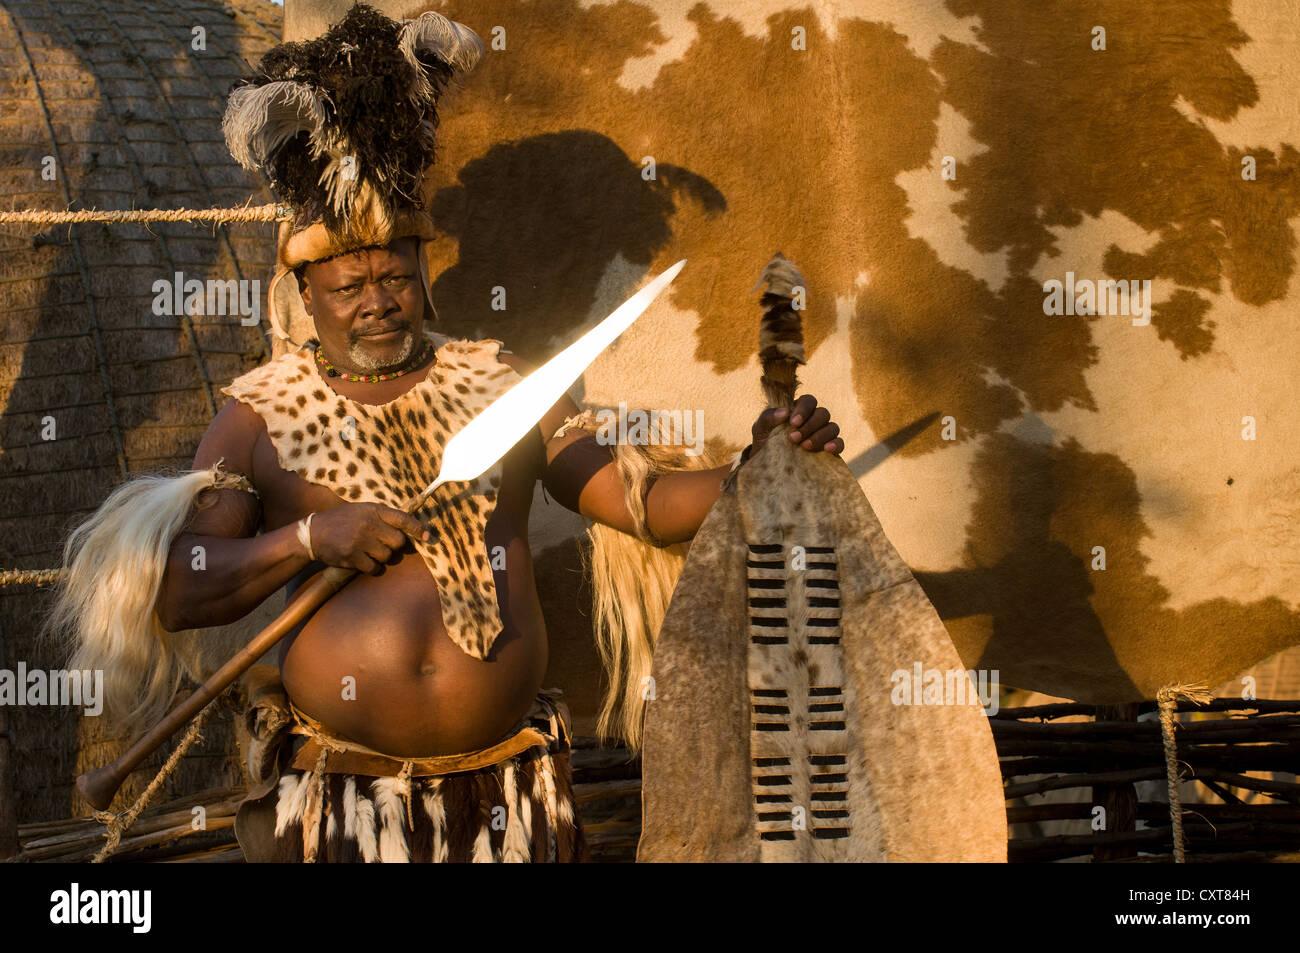 Shaka Zulu | South African History Online